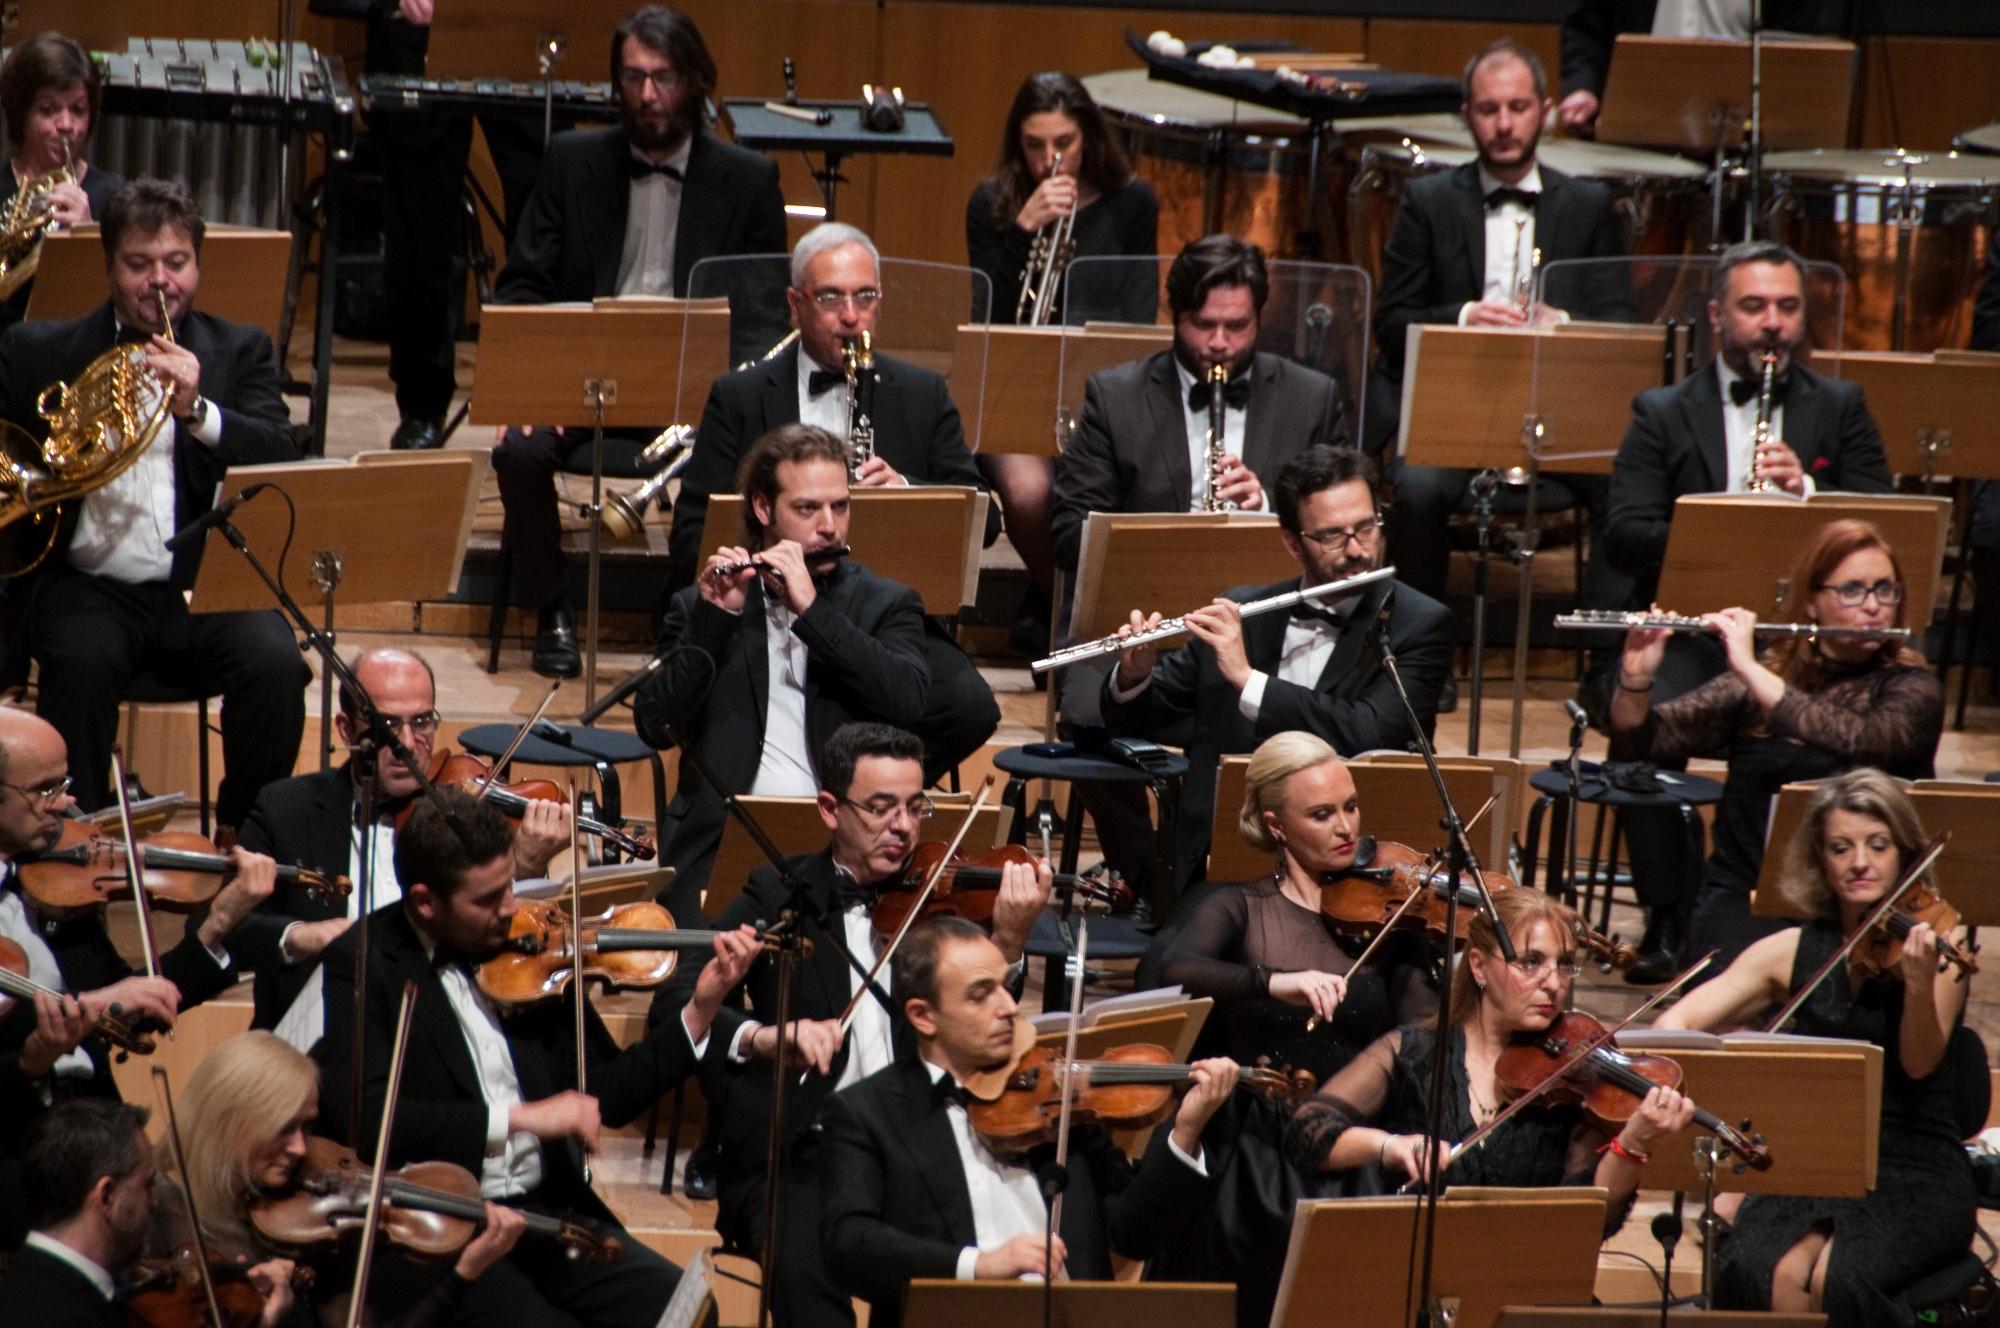 Εθνική-Συμφωνική-Ορχήστρα-1-1-1